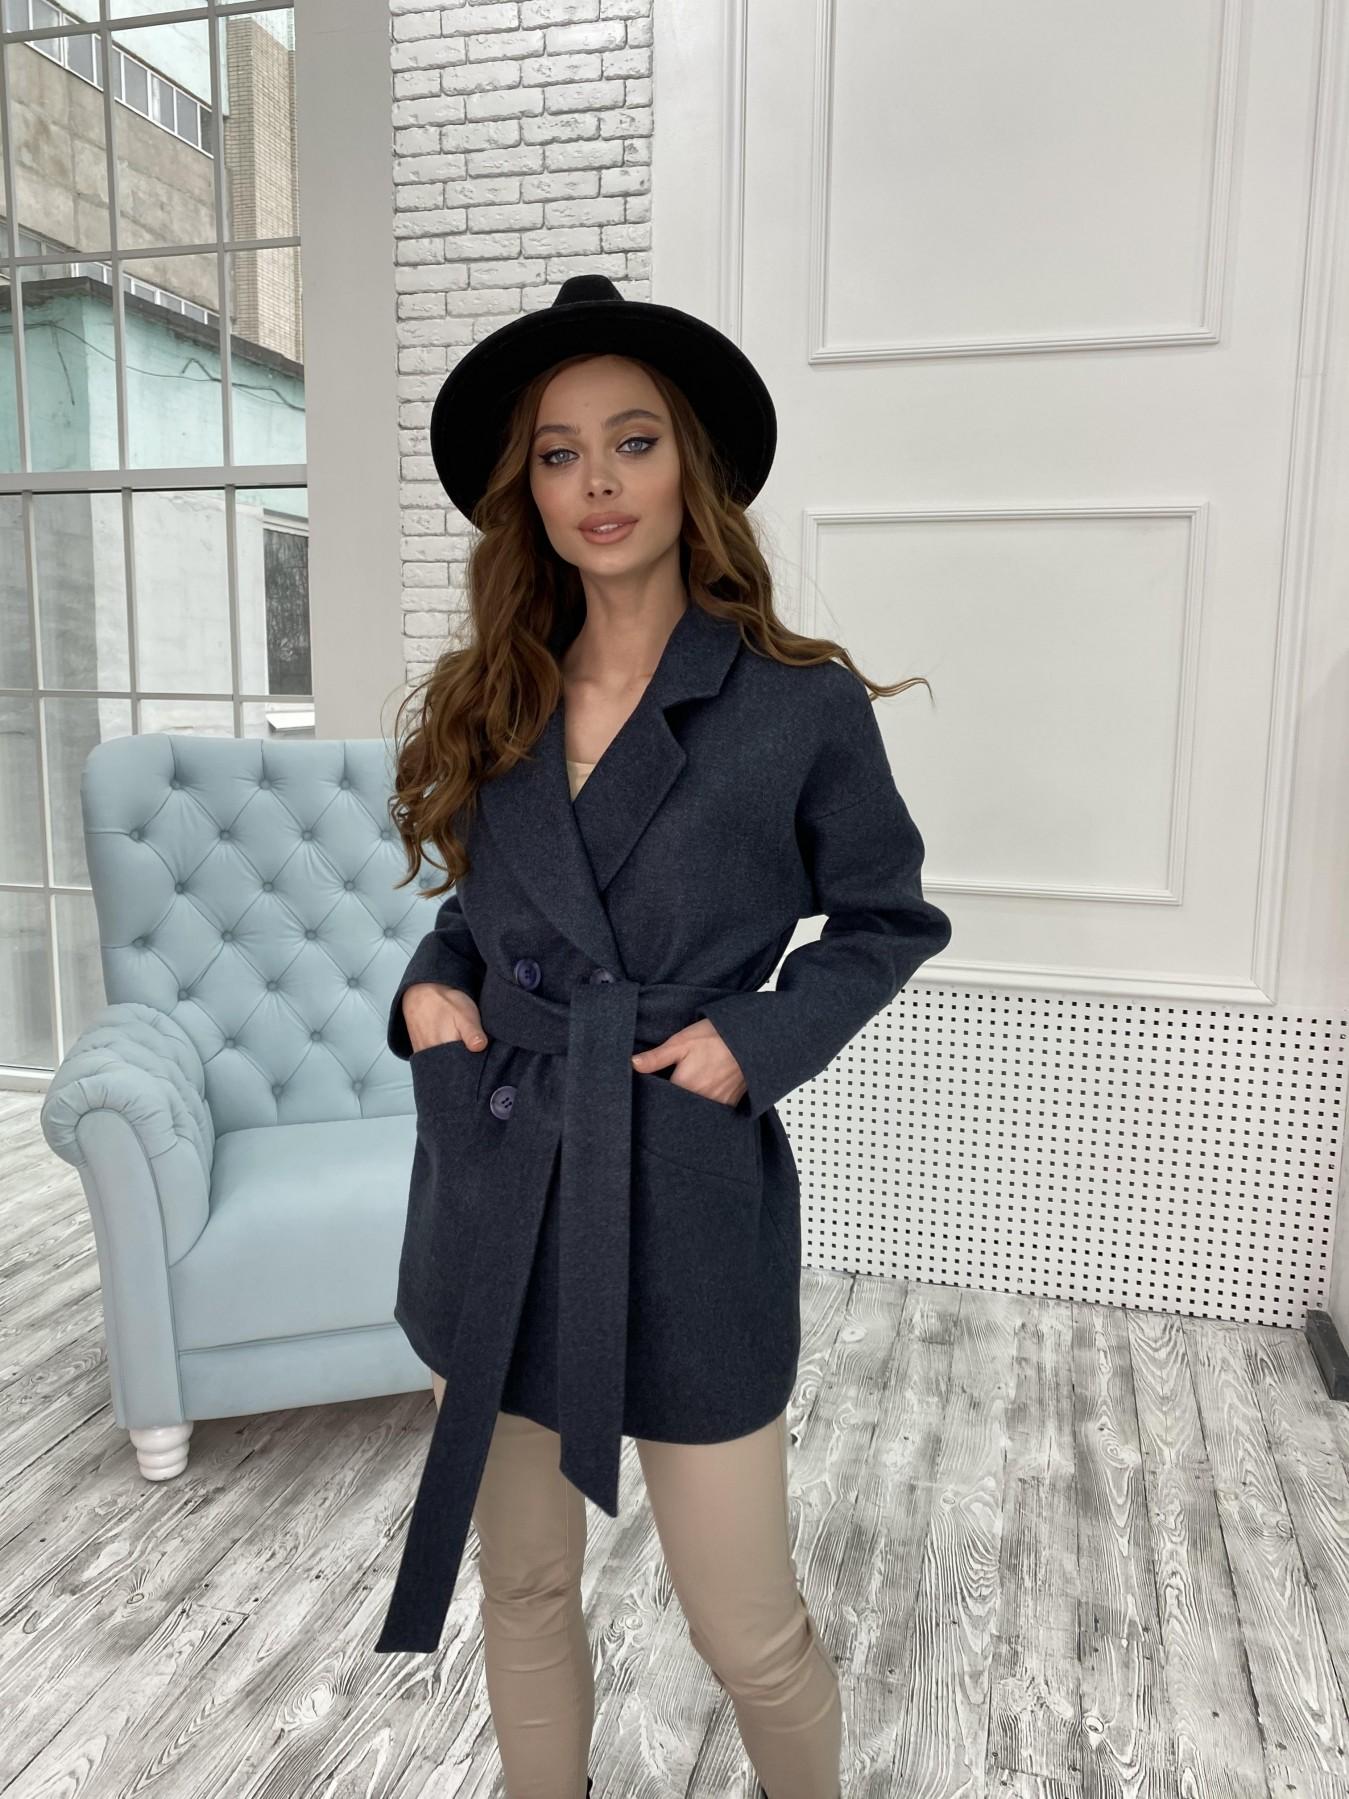 Бонд пальто  кашемировое меланж на трикотаже  10644 АРТ. 47186 Цвет: Т.синий 48 - фото 4, интернет магазин tm-modus.ru